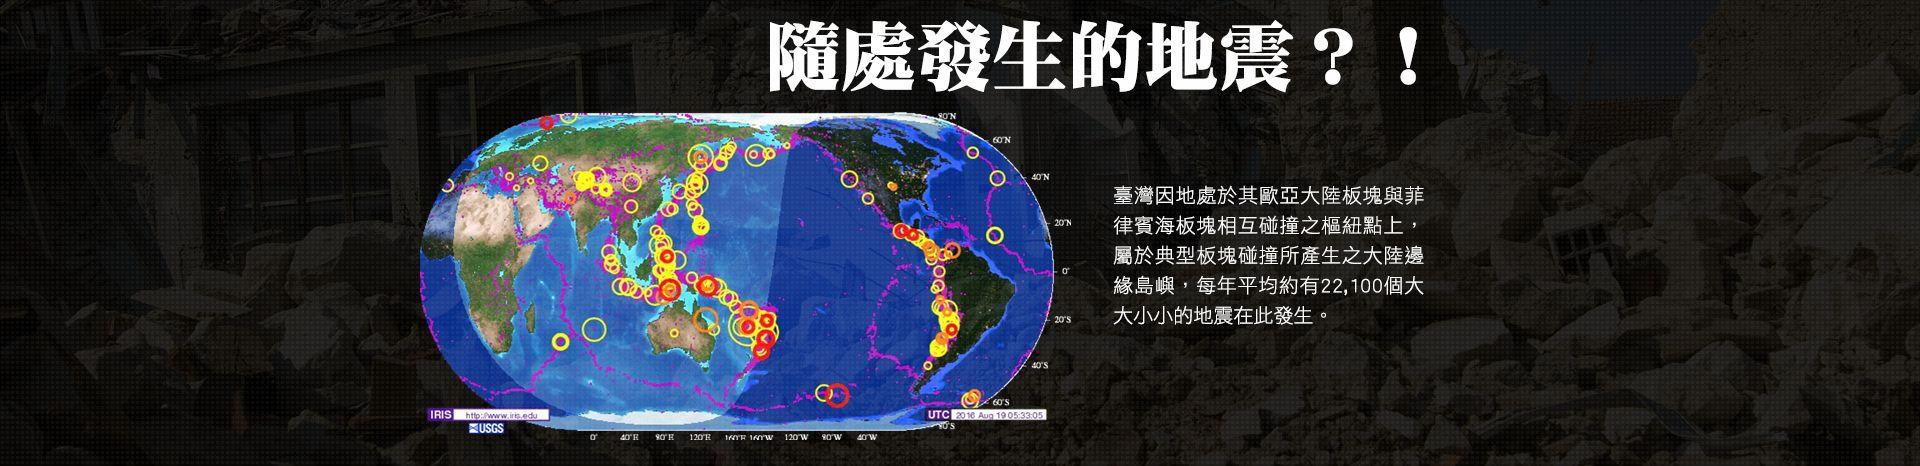 隨處發生的地震?臺灣因地處於其歐亞大陸板塊與菲律賓板塊相互碰撞之樞紐點上,屬於典型板塊碰撞所產生之大陸邊緣島嶼,每年平均約有22100個大大小小的地震在此發生。